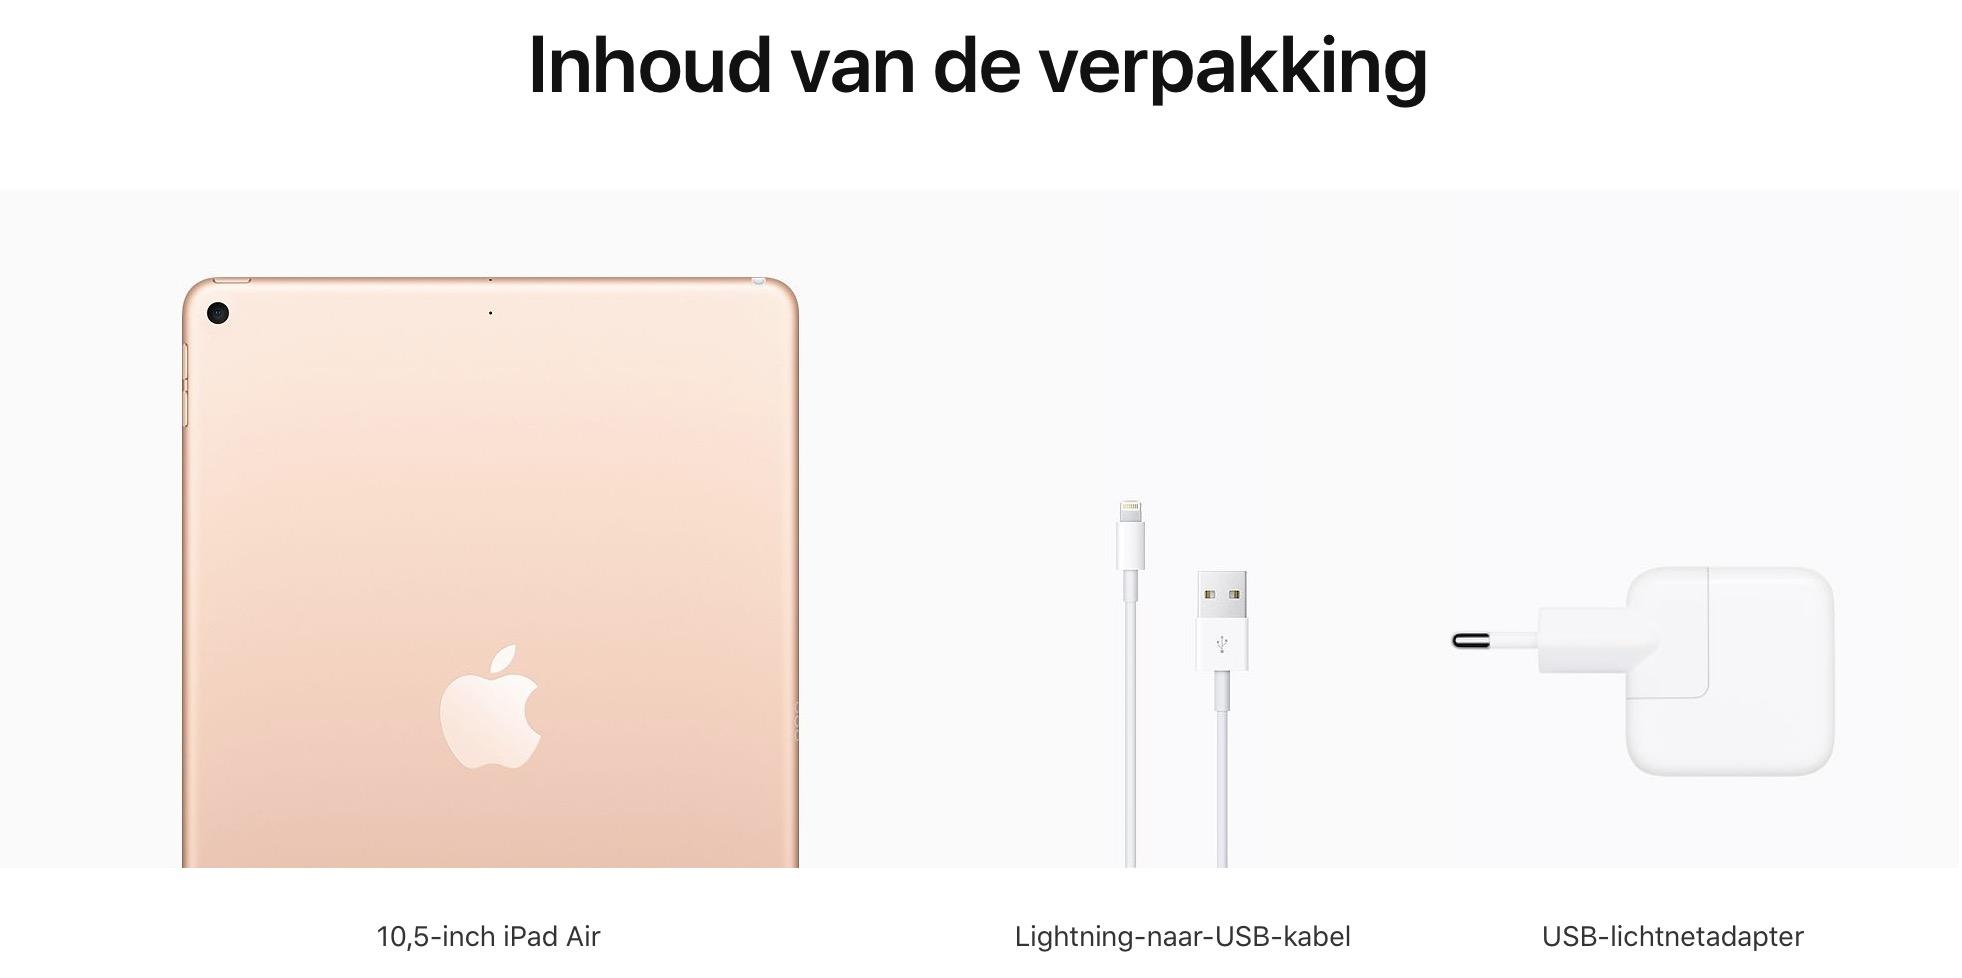 iPad (10.2-inch) (8th generation) - 128 GB - (Wi-Fi + Cellular) - Goud (Nieuw)